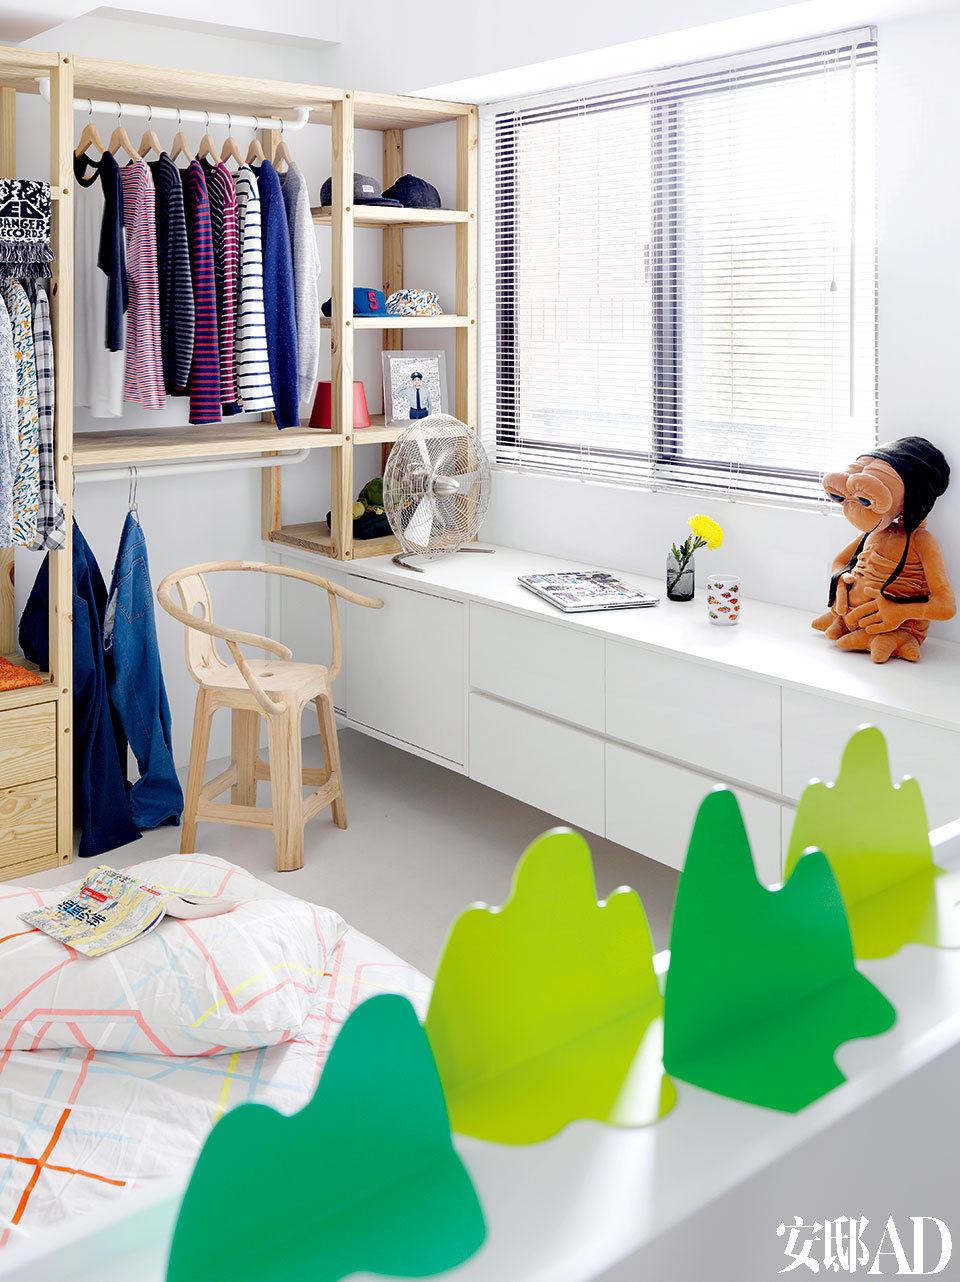 """跟大多数都市年轻人一样,Pi li的生活丰富又简单。他挑家具就像买衣服,与其买多,不如买精!主卧里的陈设很简单,木色的扶手椅正是Pili自己大名鼎鼎的设计""""圈凳""""的未上漆版本,来自Han Gallery。近景处床头上的绿色书挡就是Pili与打铁师傅们合作的设计作品""""青山""""书挡(www.utp.tw)。"""